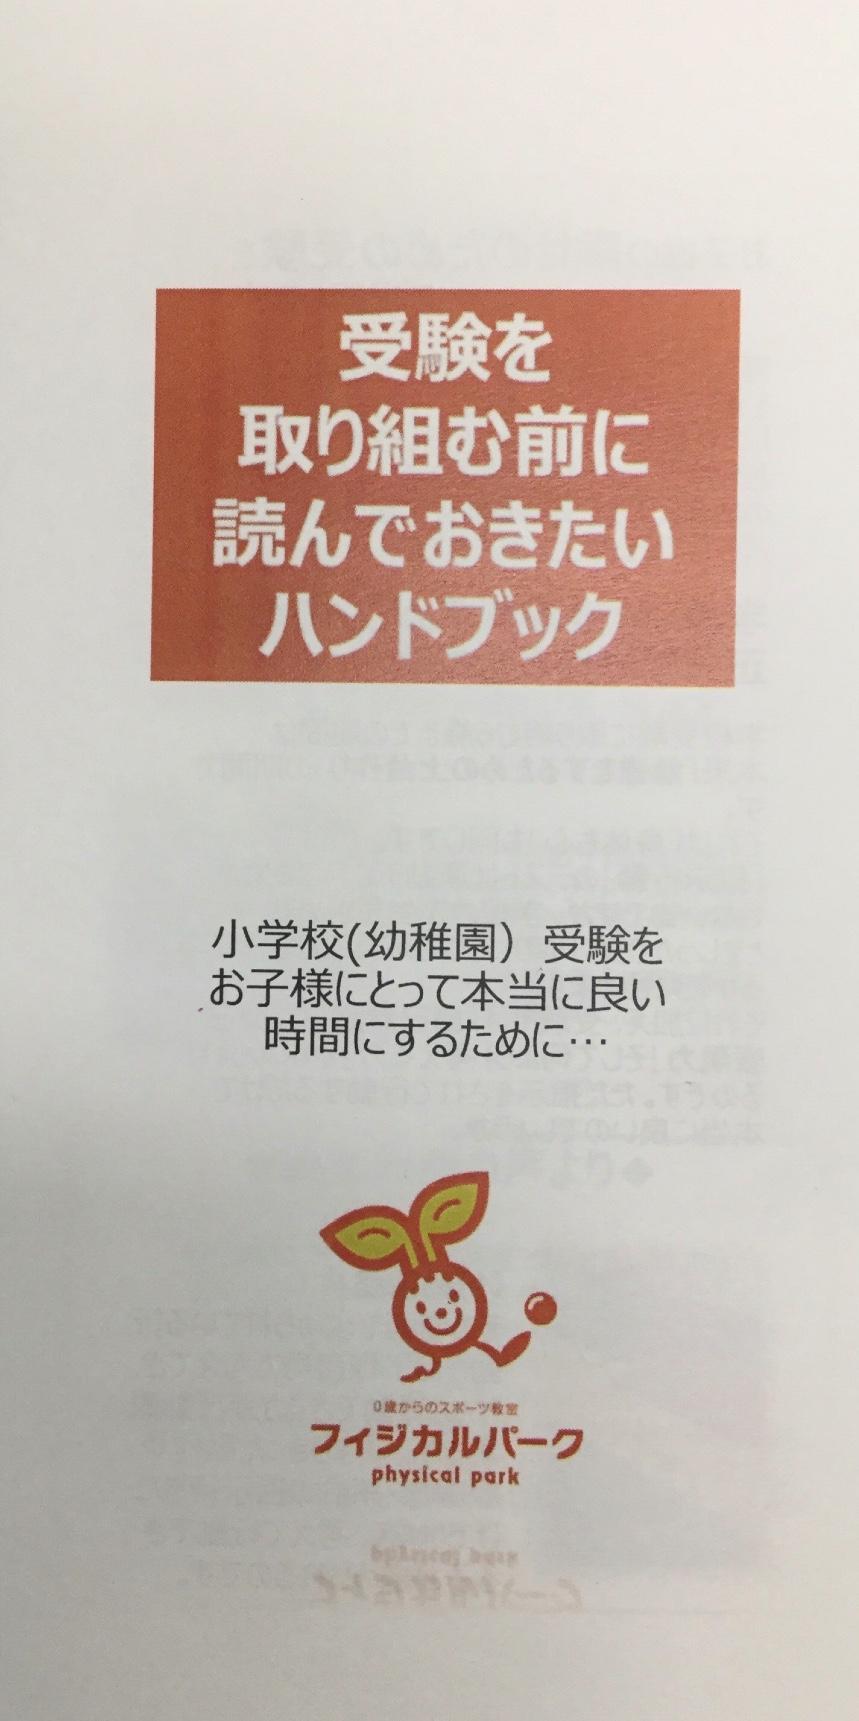 フィジカルパーク 東北沢駅前教室